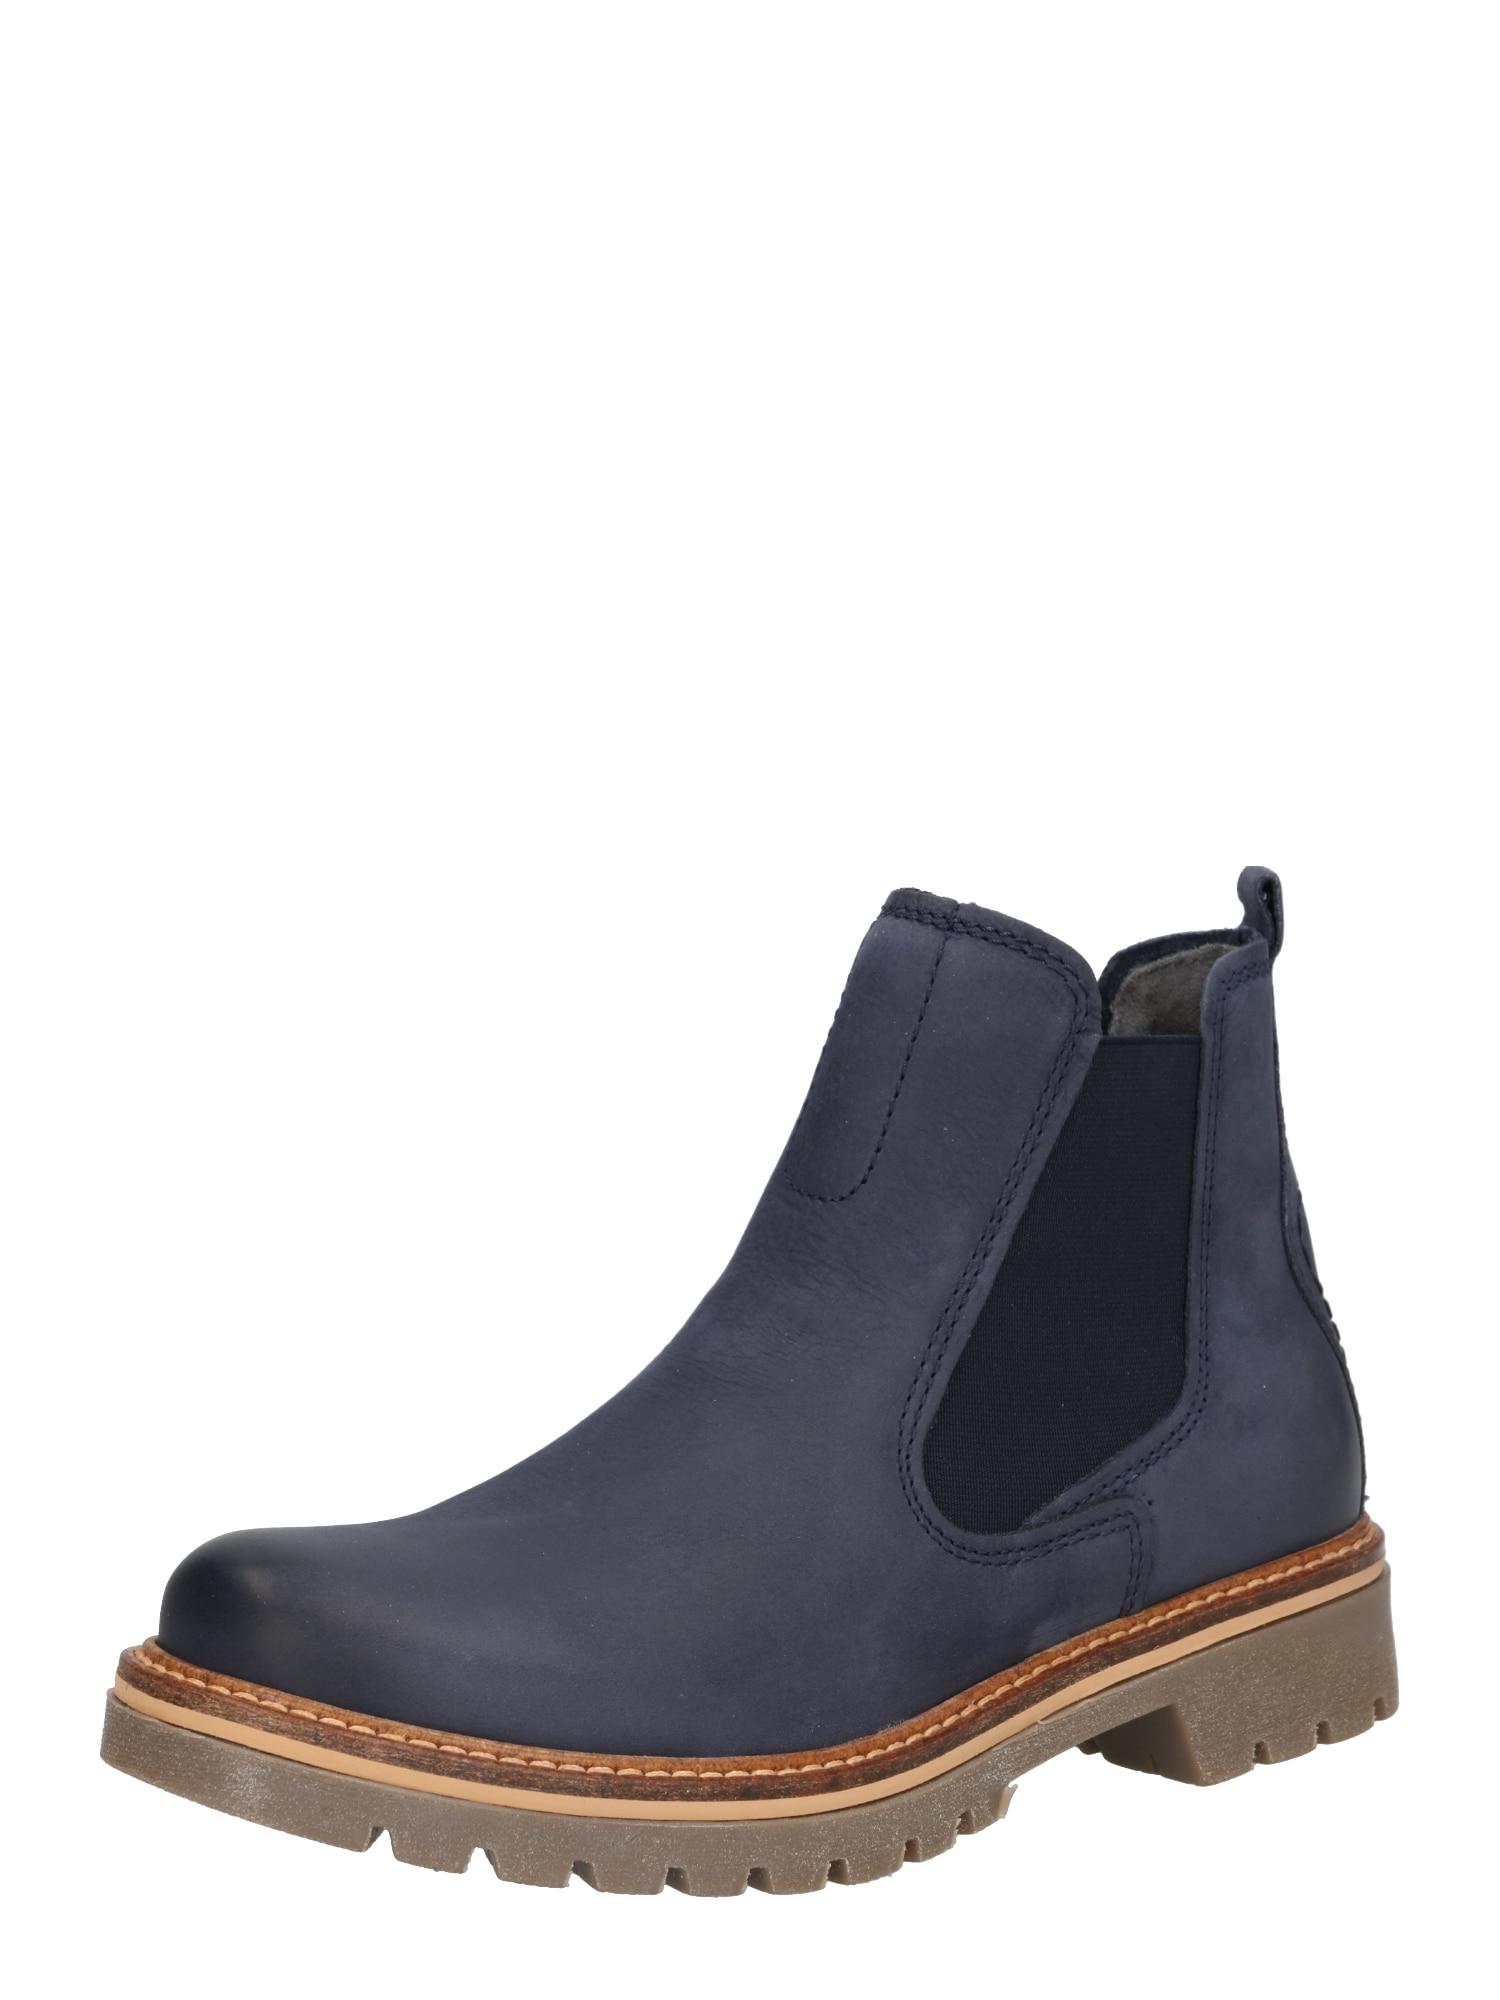 Chelsea boty Canberra modrá džínovina CAMEL ACTIVE